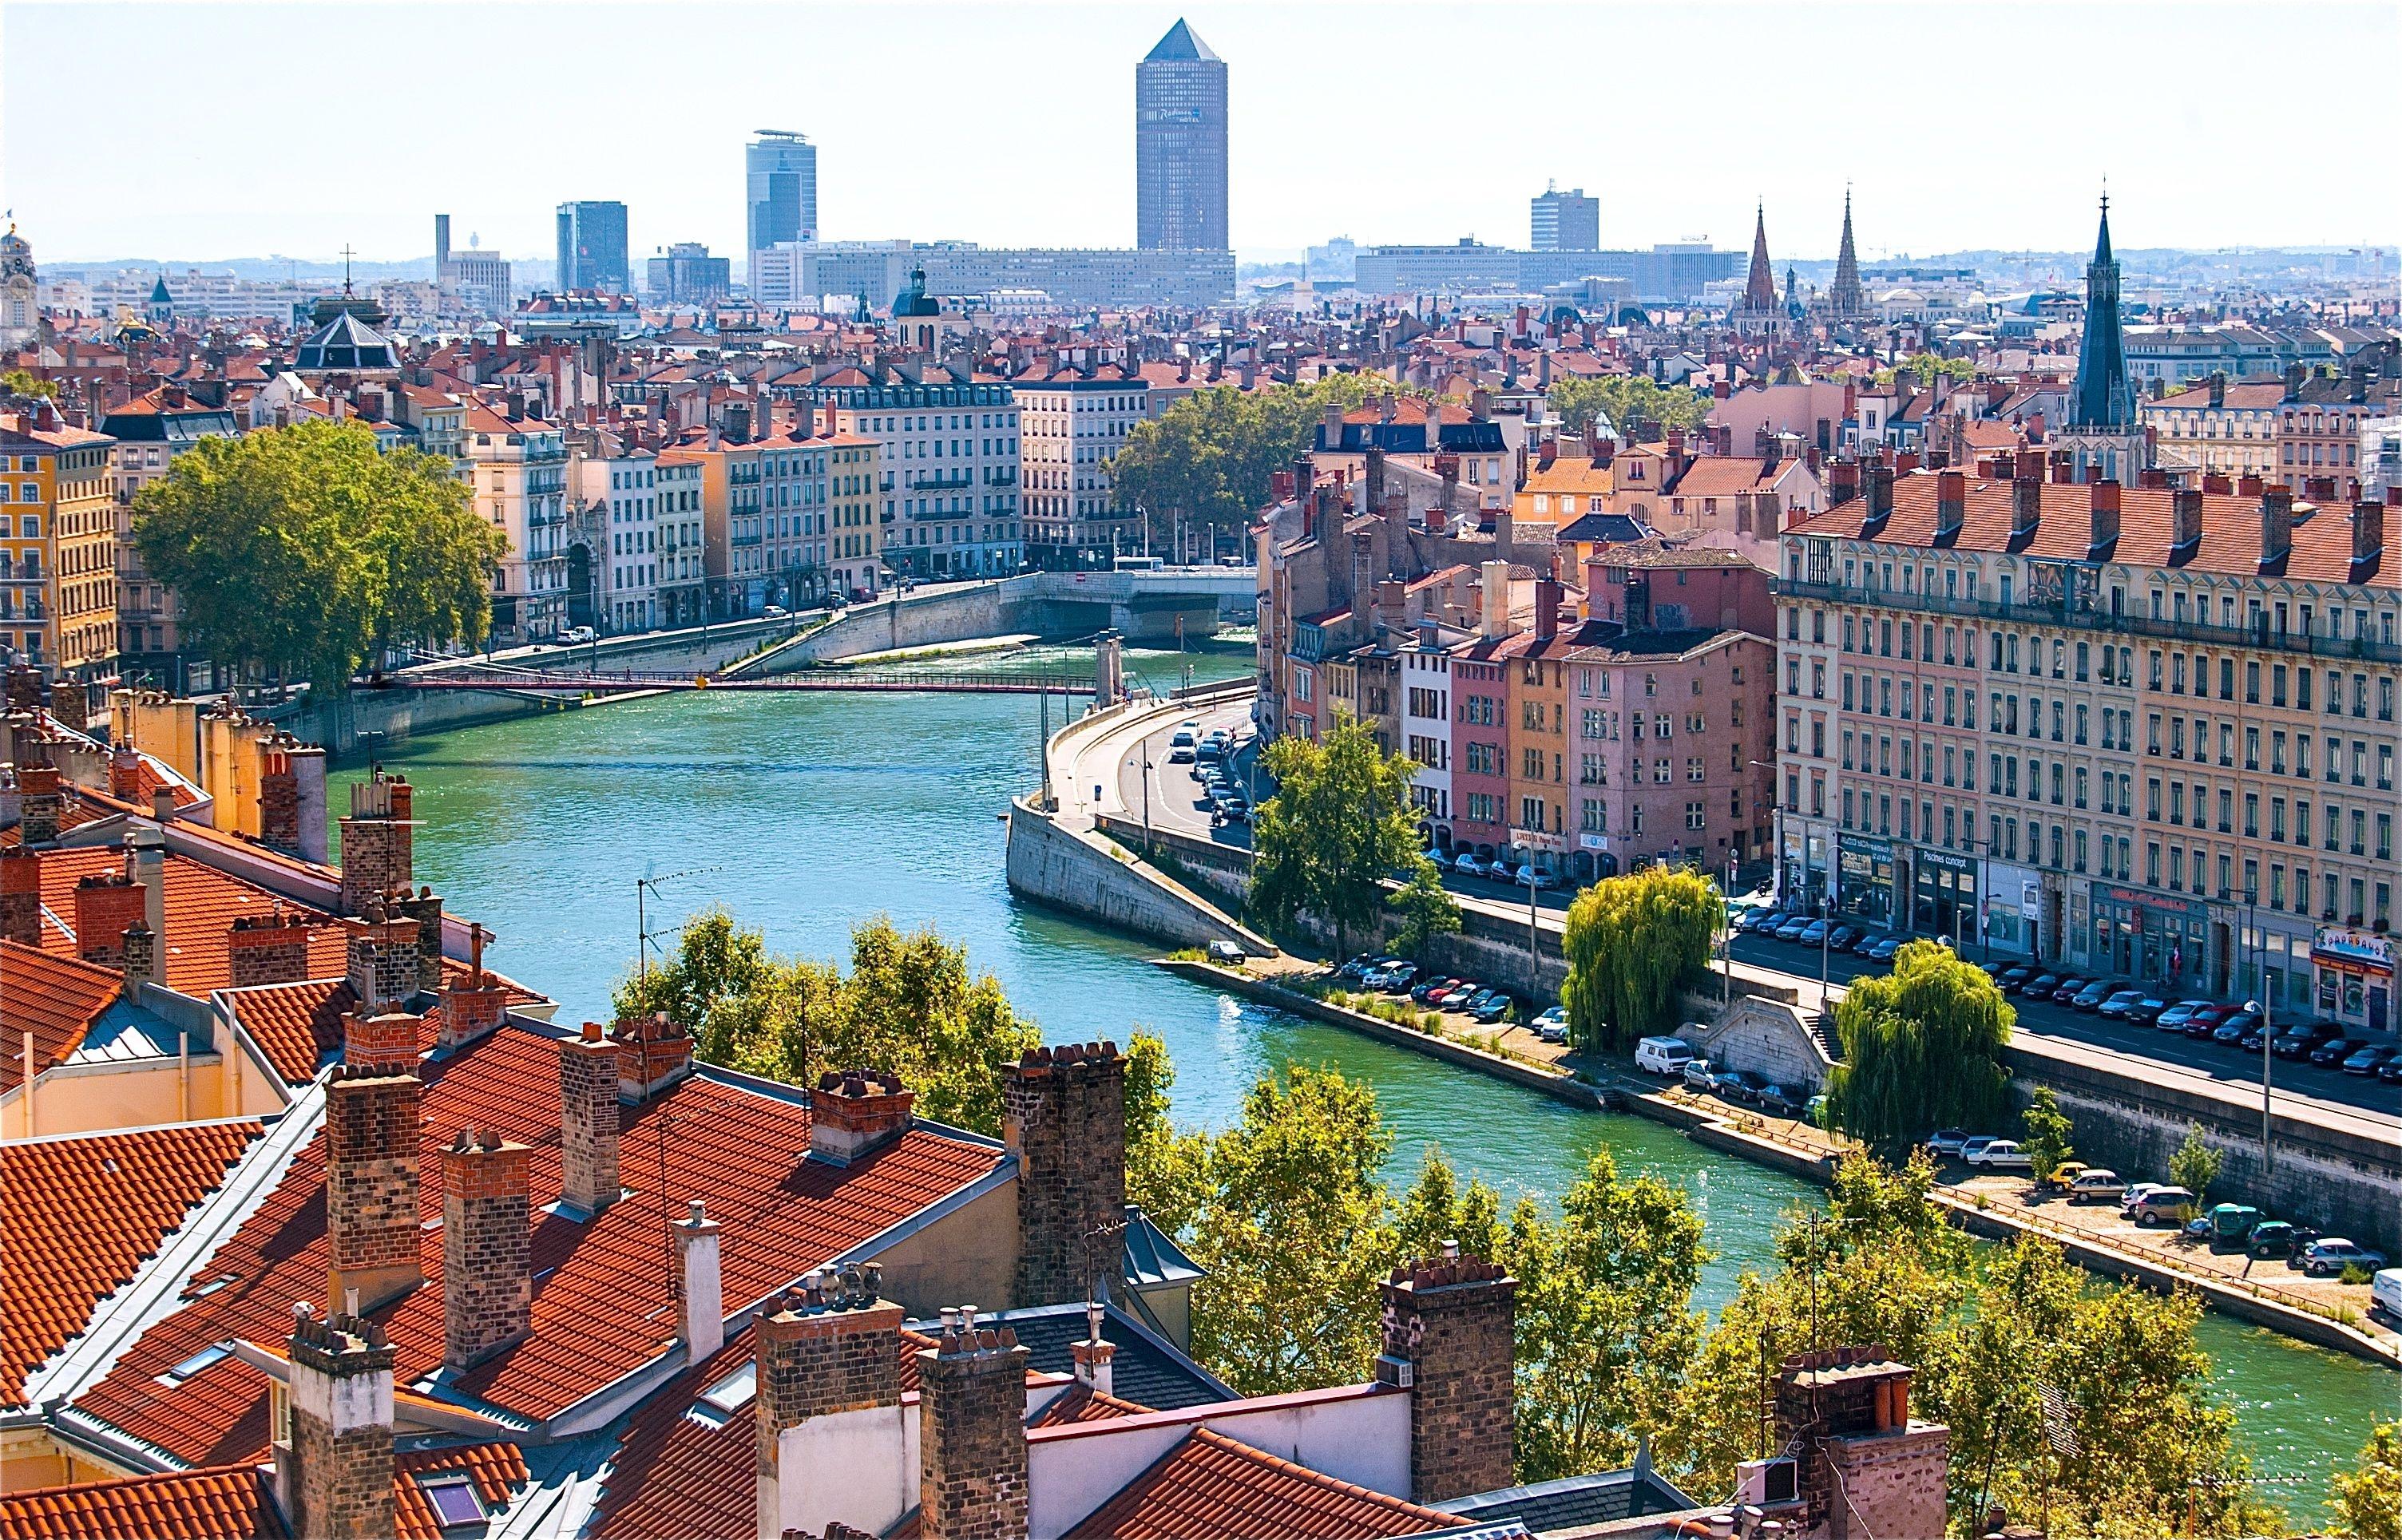 Aménagements urbains : ruée vers le fleuve dans les métropoles